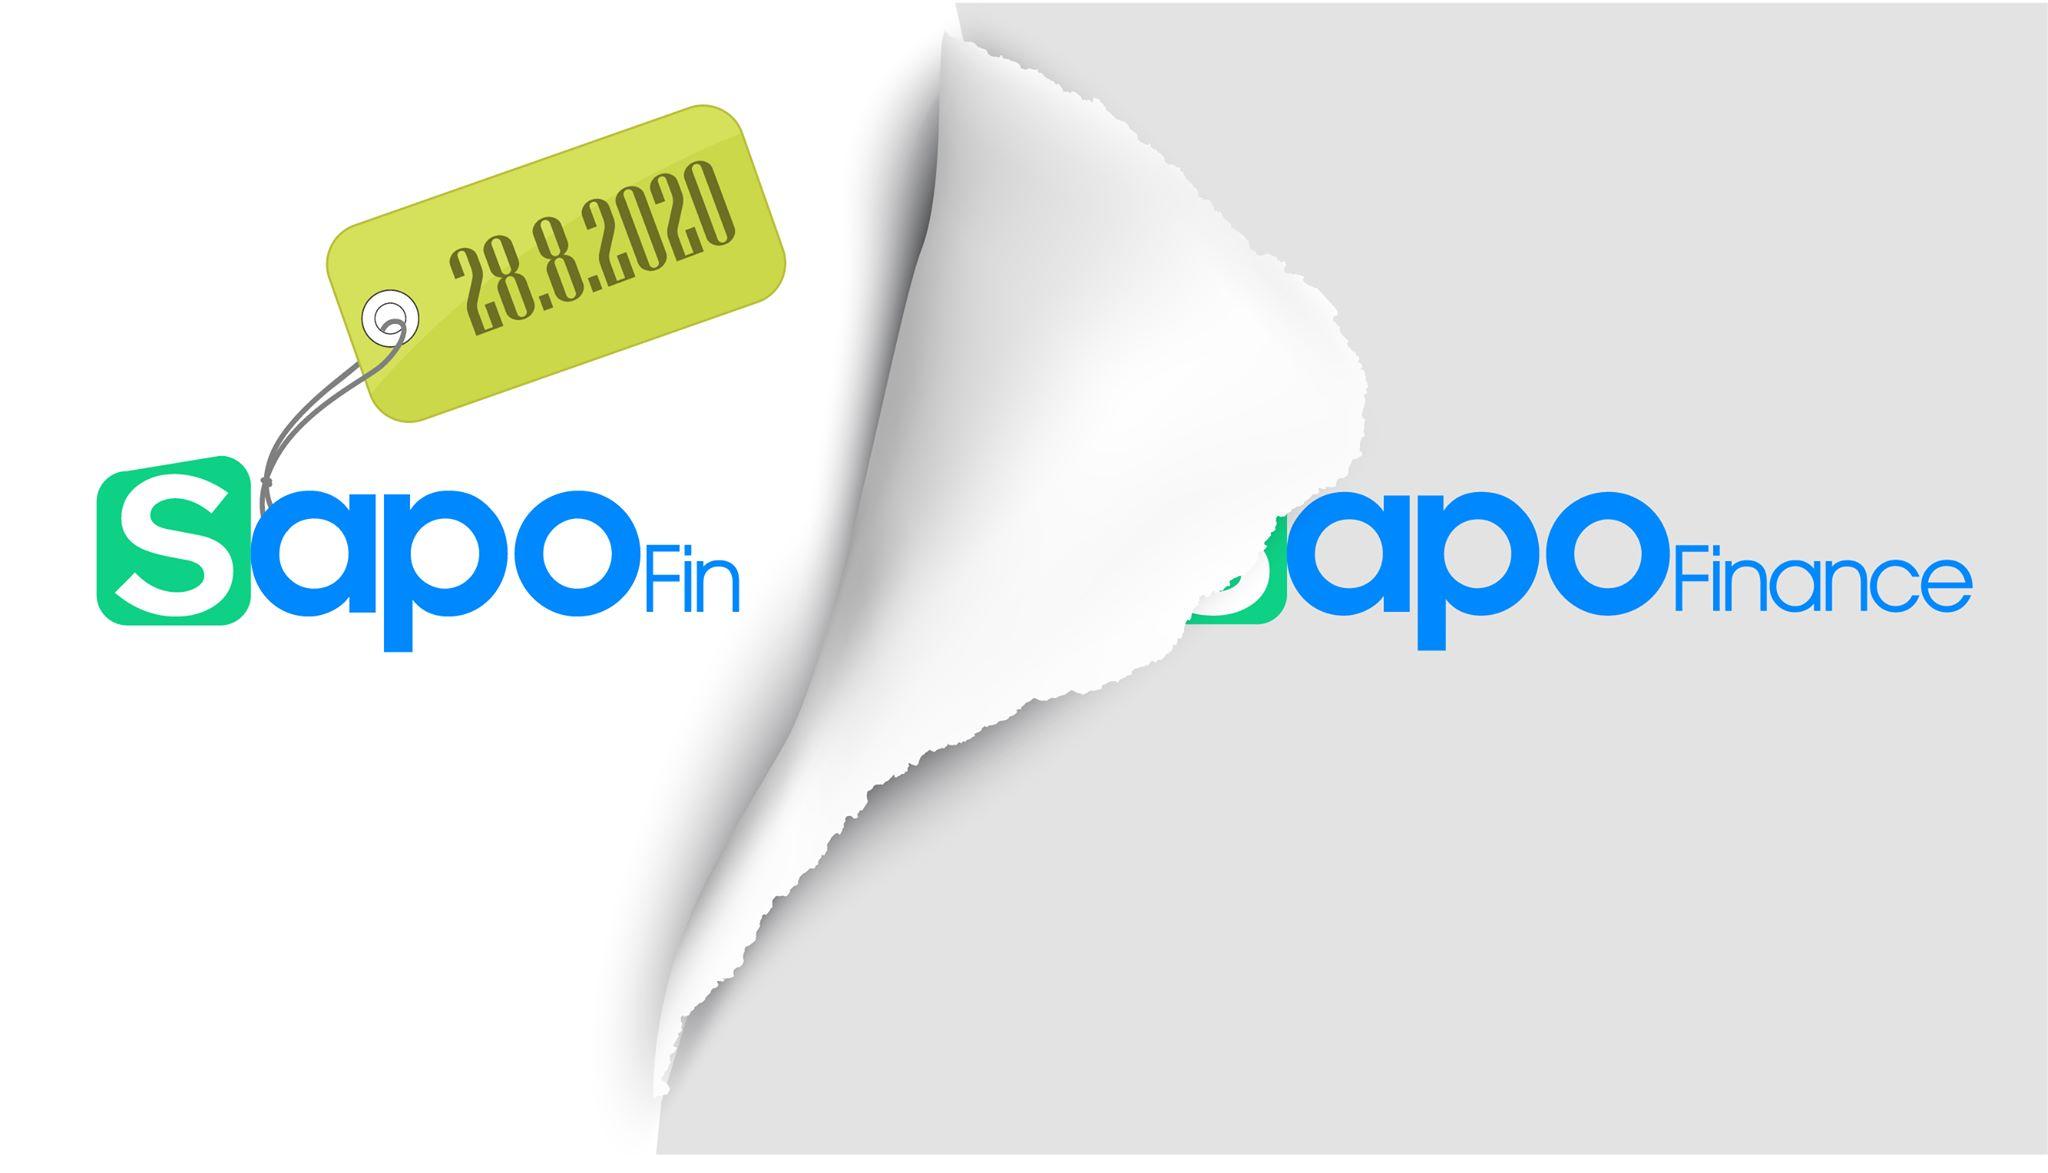 Thông báo: Thay đổi tên dự án Sapo Finance thành Sapo Fin